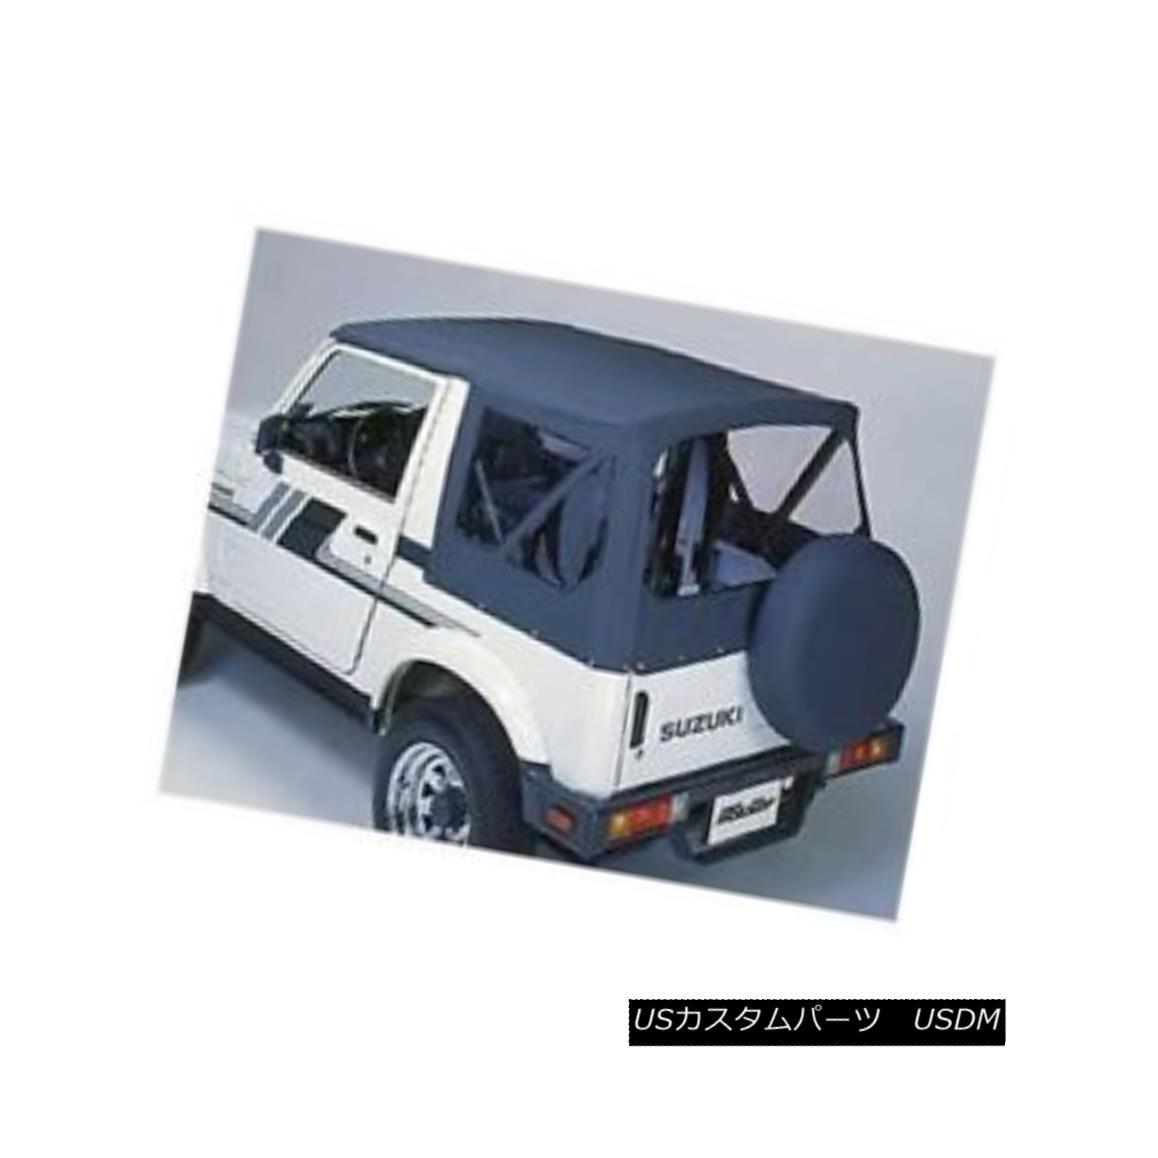 幌・ソフトトップ Bestop 51361-01 Soft Top Replace-A-Top Polymer Cloth Black for Suzuki Samurai Bestop 51361-01スズキサムライ用ソフトトップリプレイストップポリマークロス